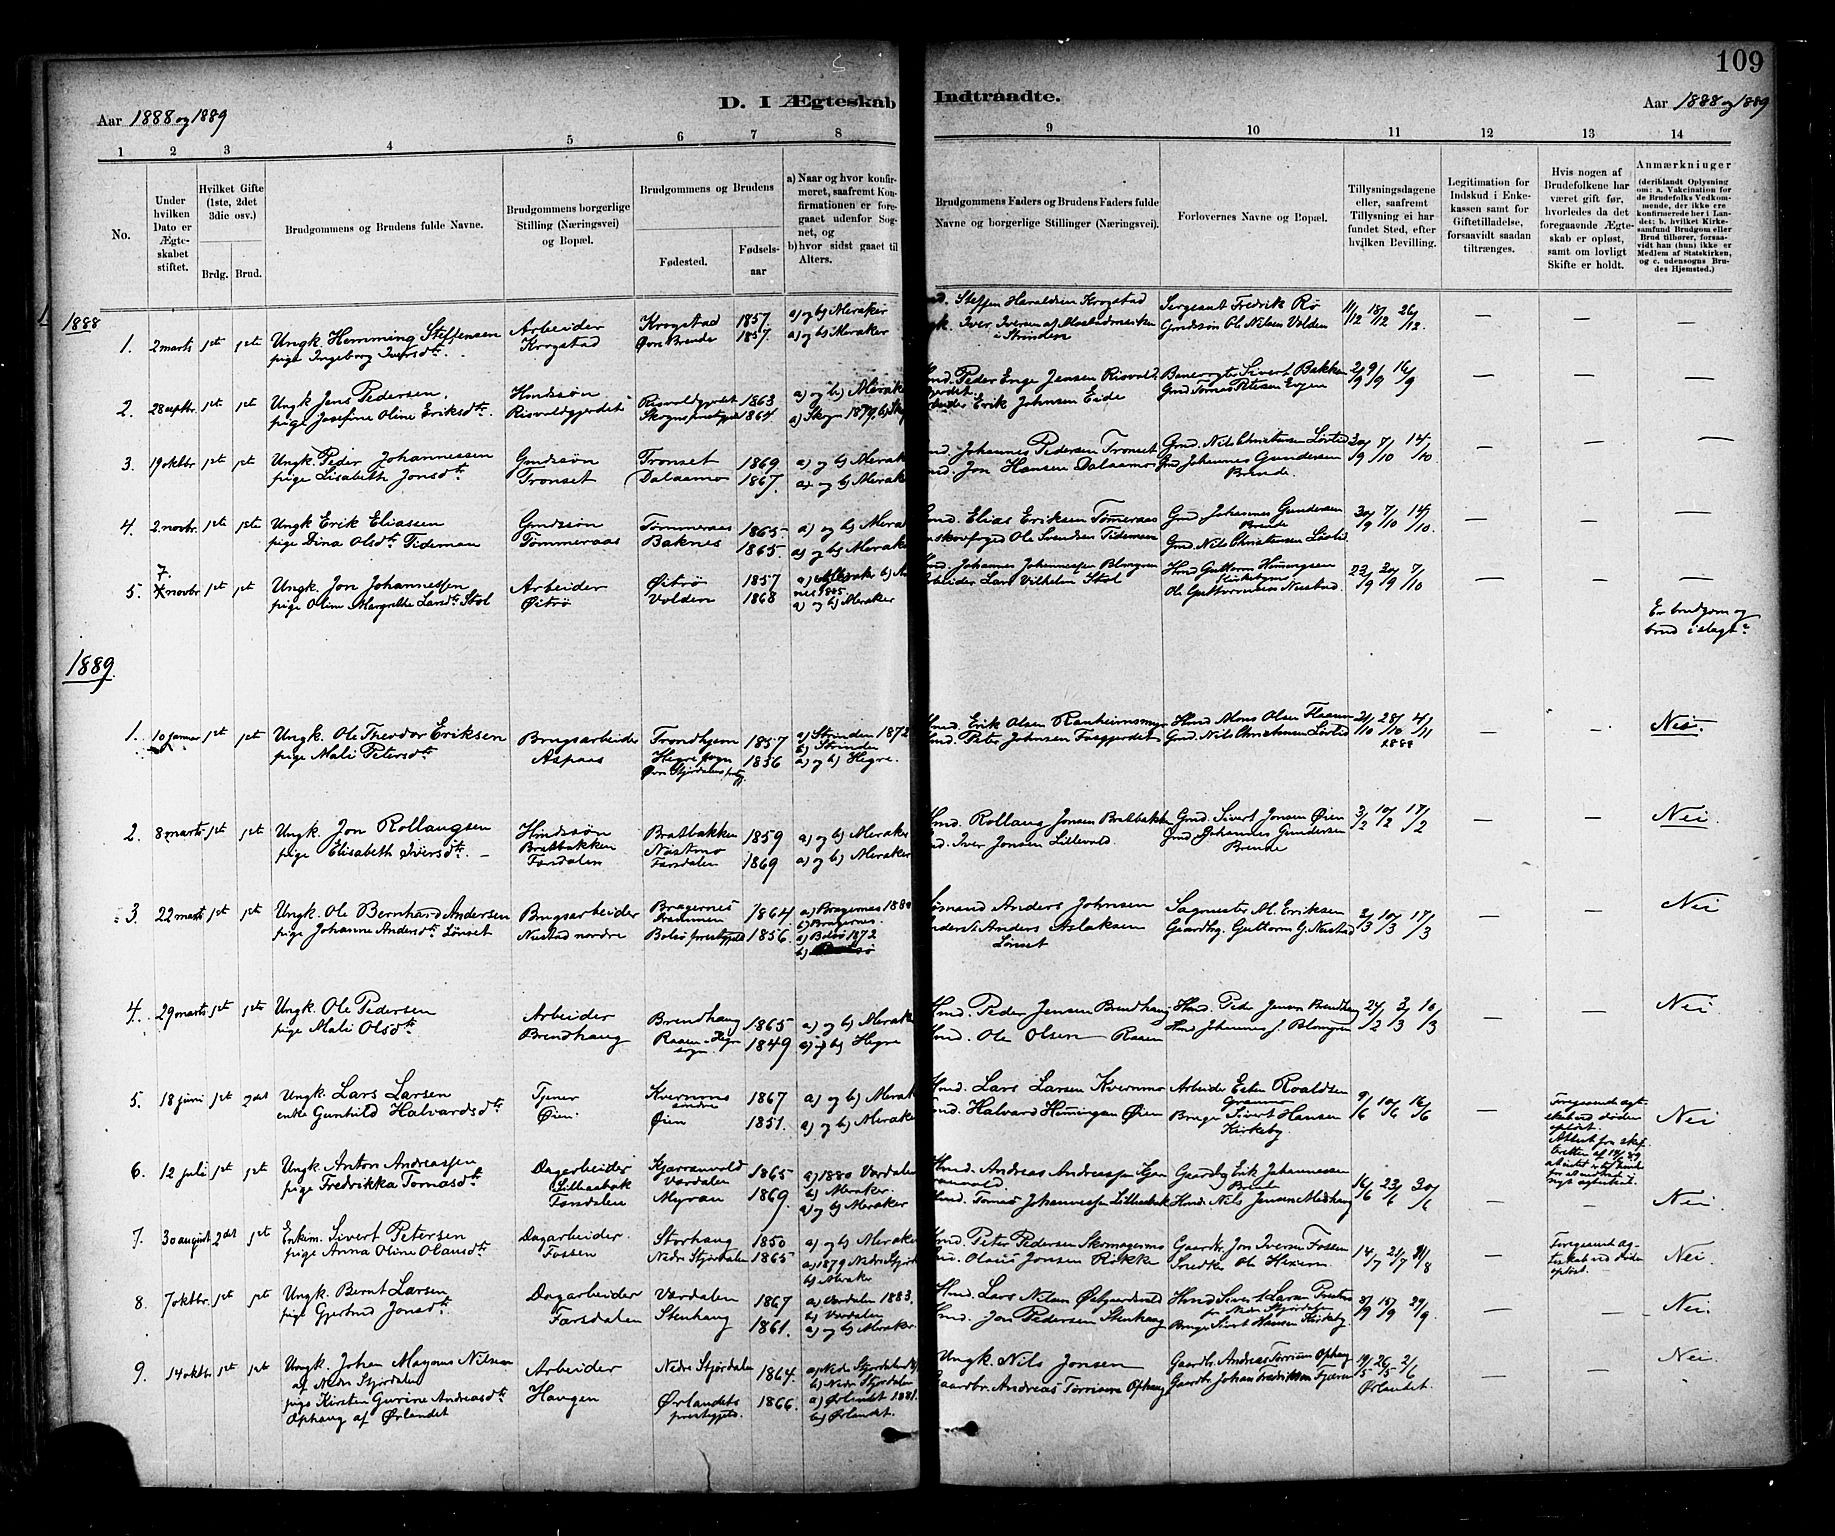 SAT, Ministerialprotokoller, klokkerbøker og fødselsregistre - Nord-Trøndelag, 706/L0047: Ministerialbok nr. 706A03, 1878-1892, s. 109